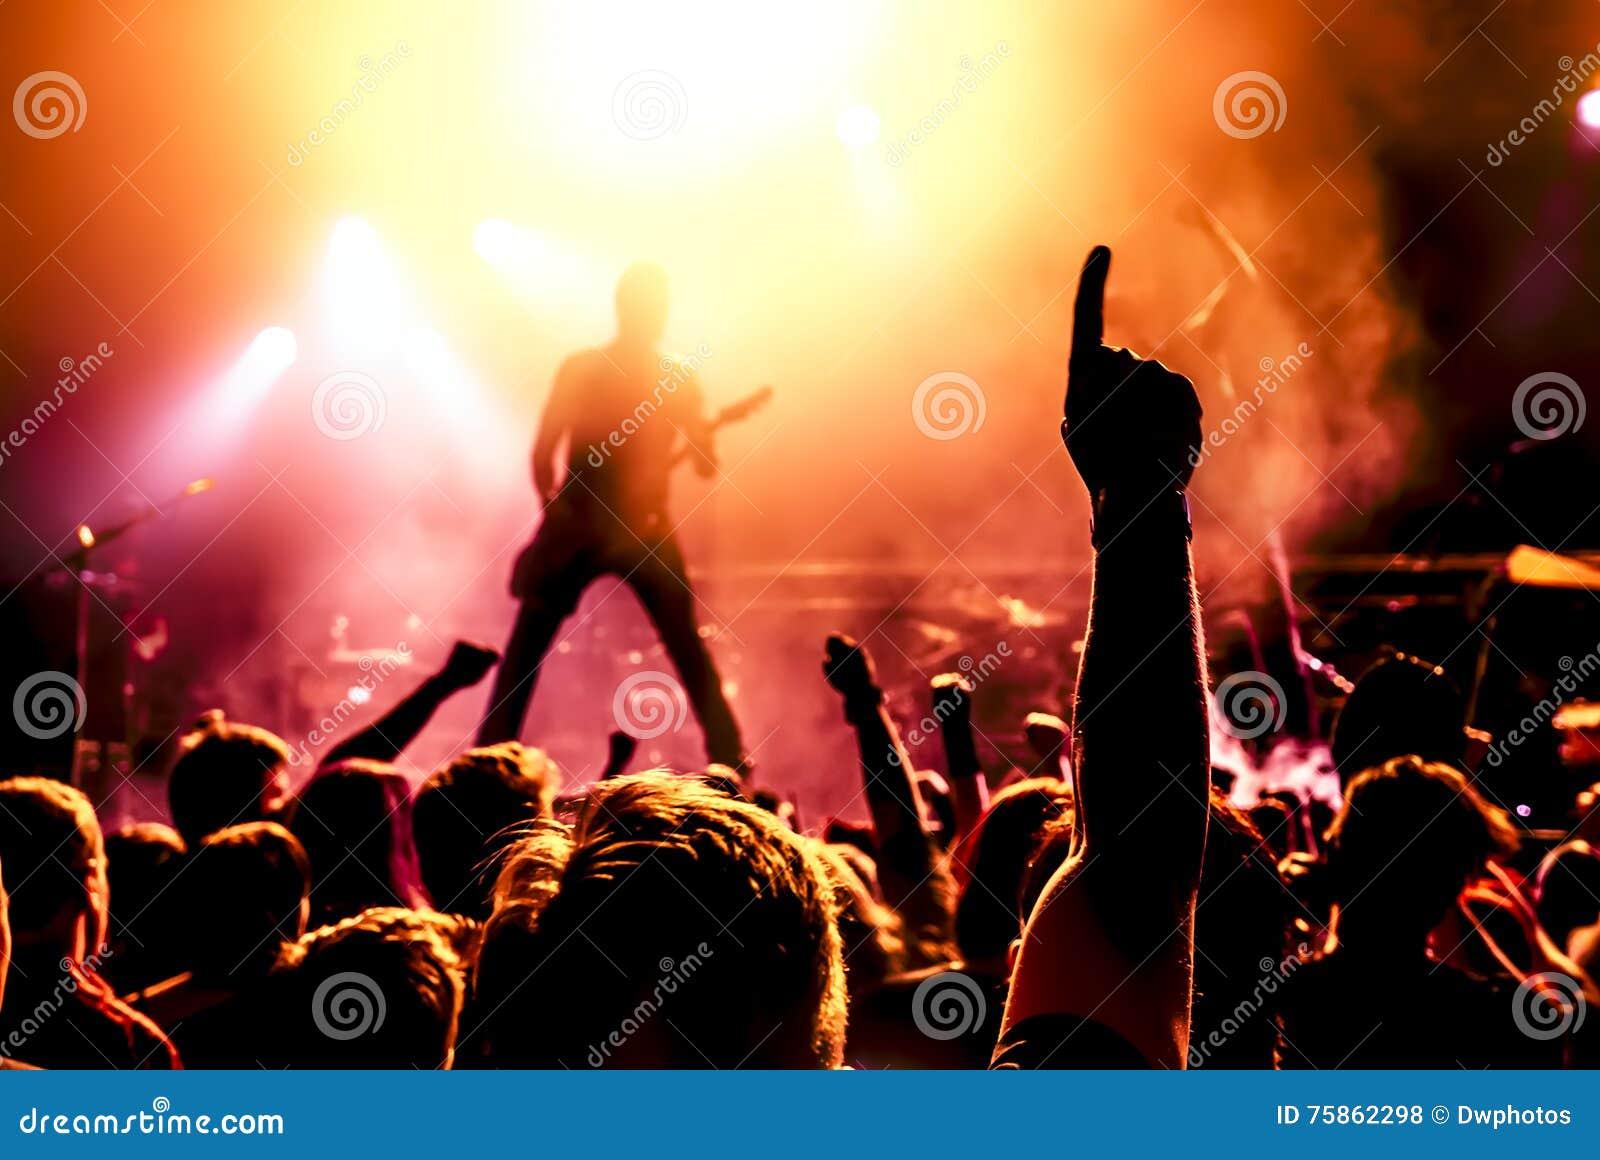 Σκιαγραφία του κιθαρίστα στη δράση στη σκηνή